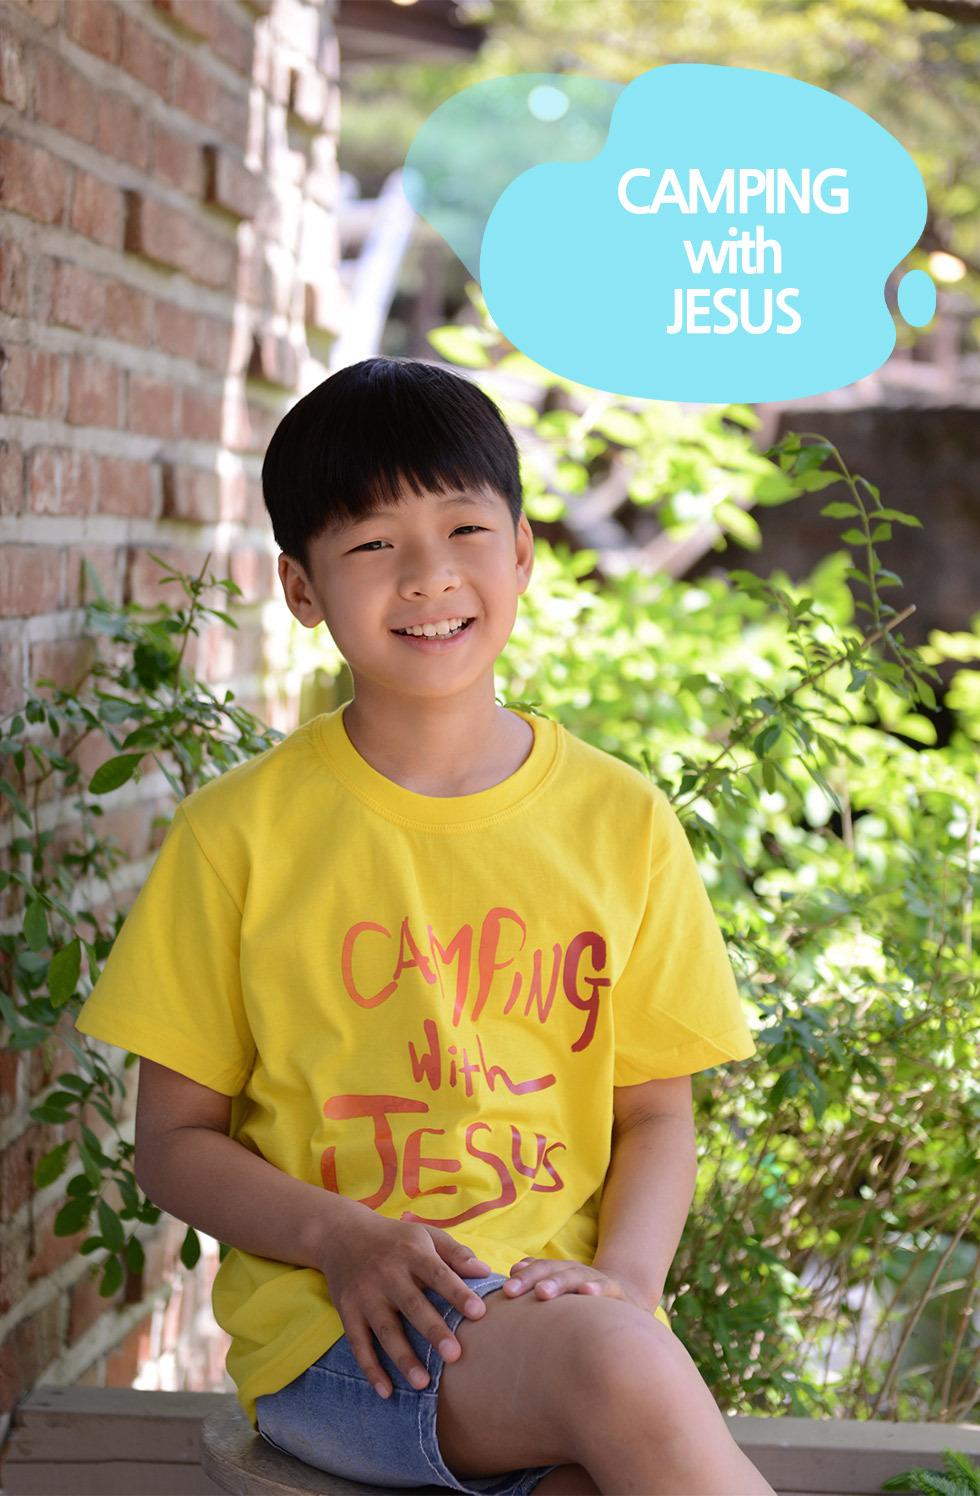 교회 단체티셔츠 예수님과함께 (Camping with Jesus) - 아동티셔츠(레드캠프)